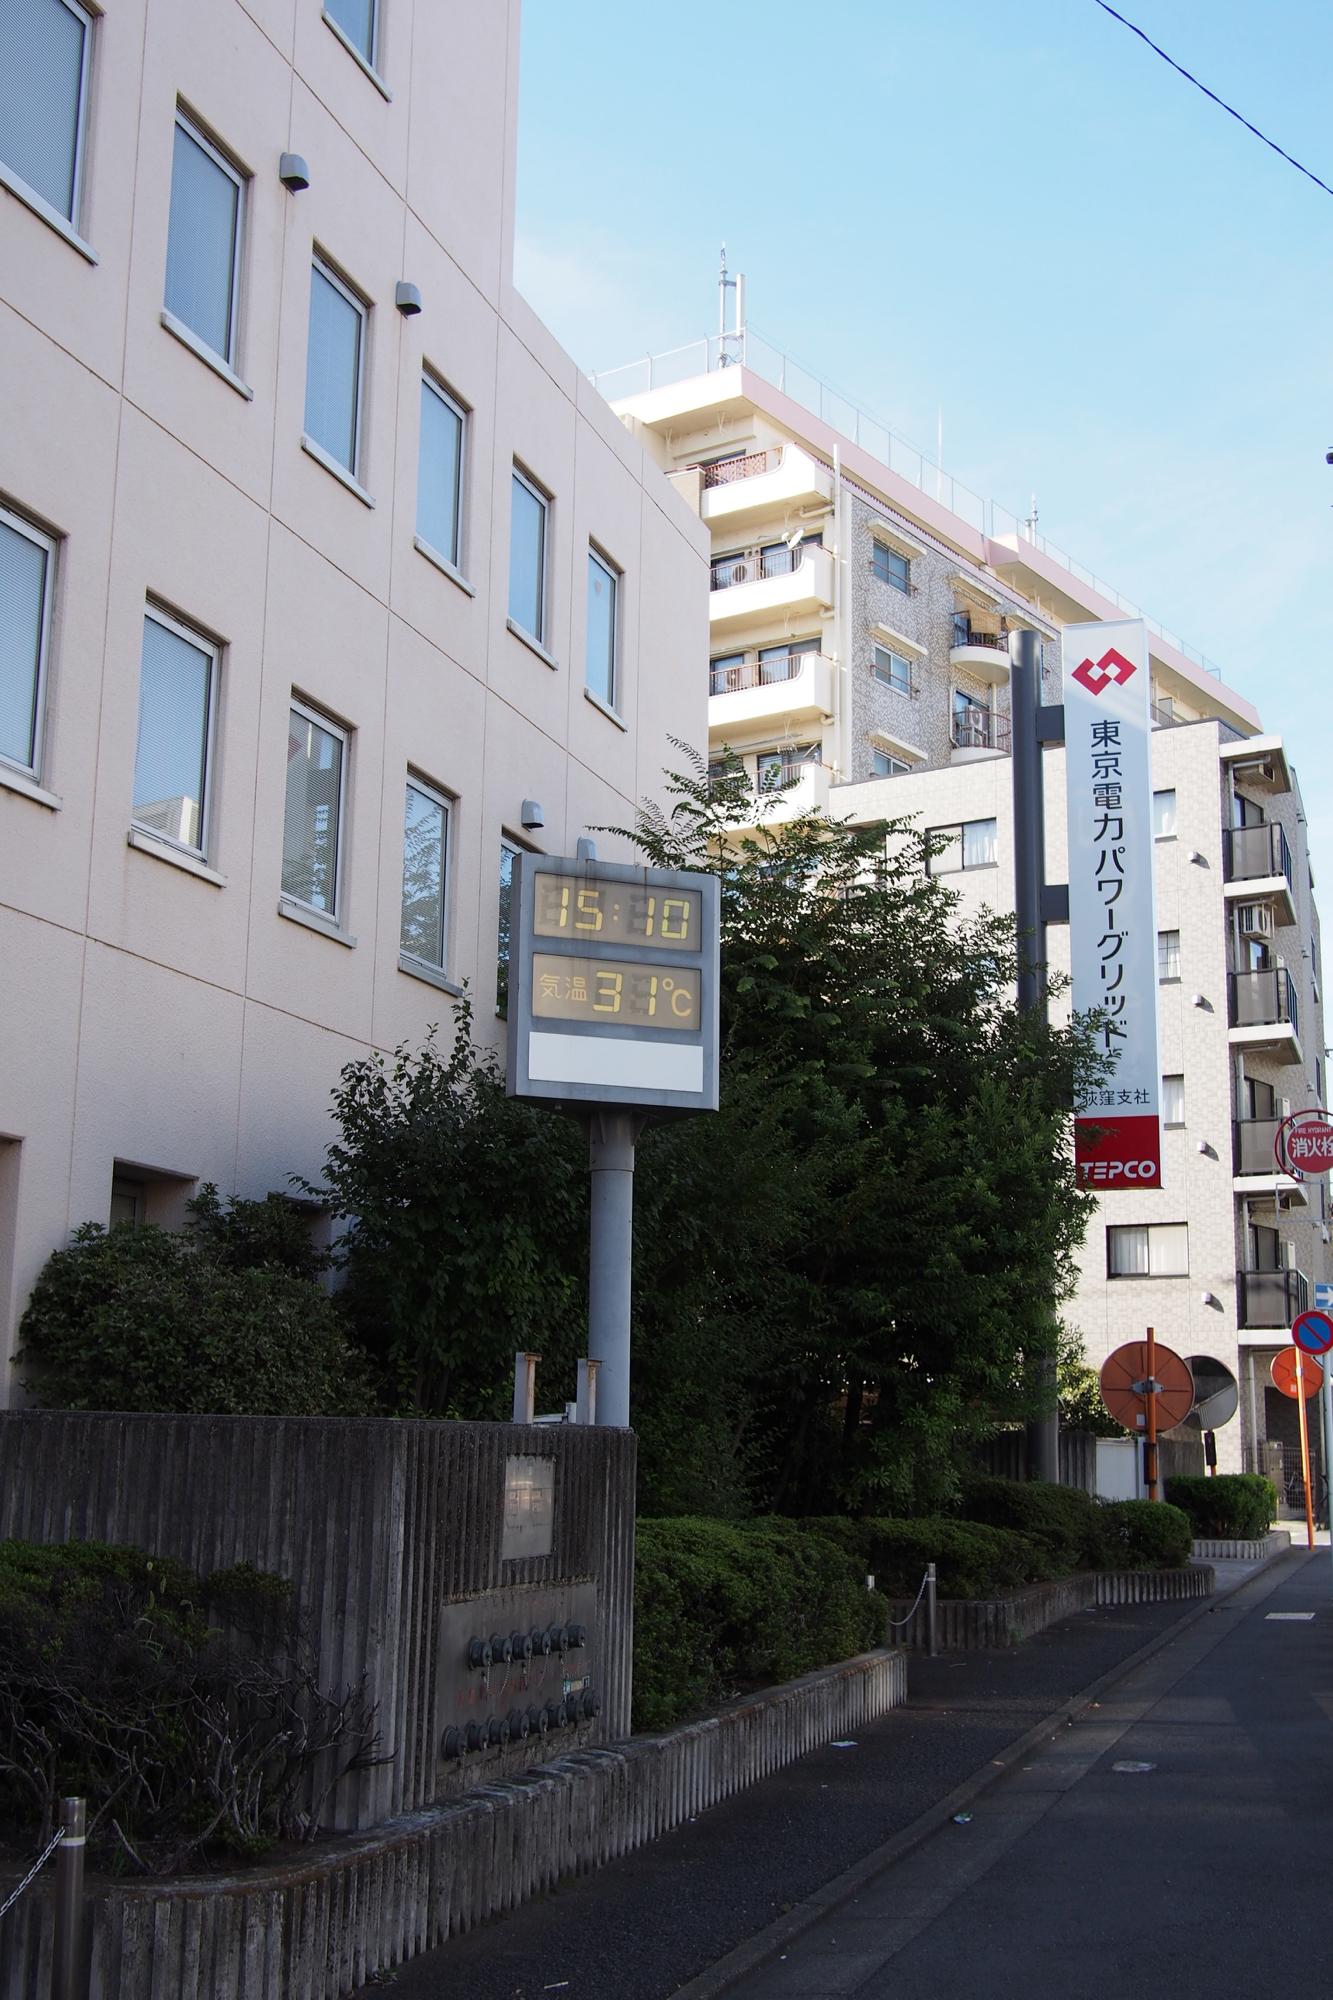 荻窪に着いた15:10頃は31℃